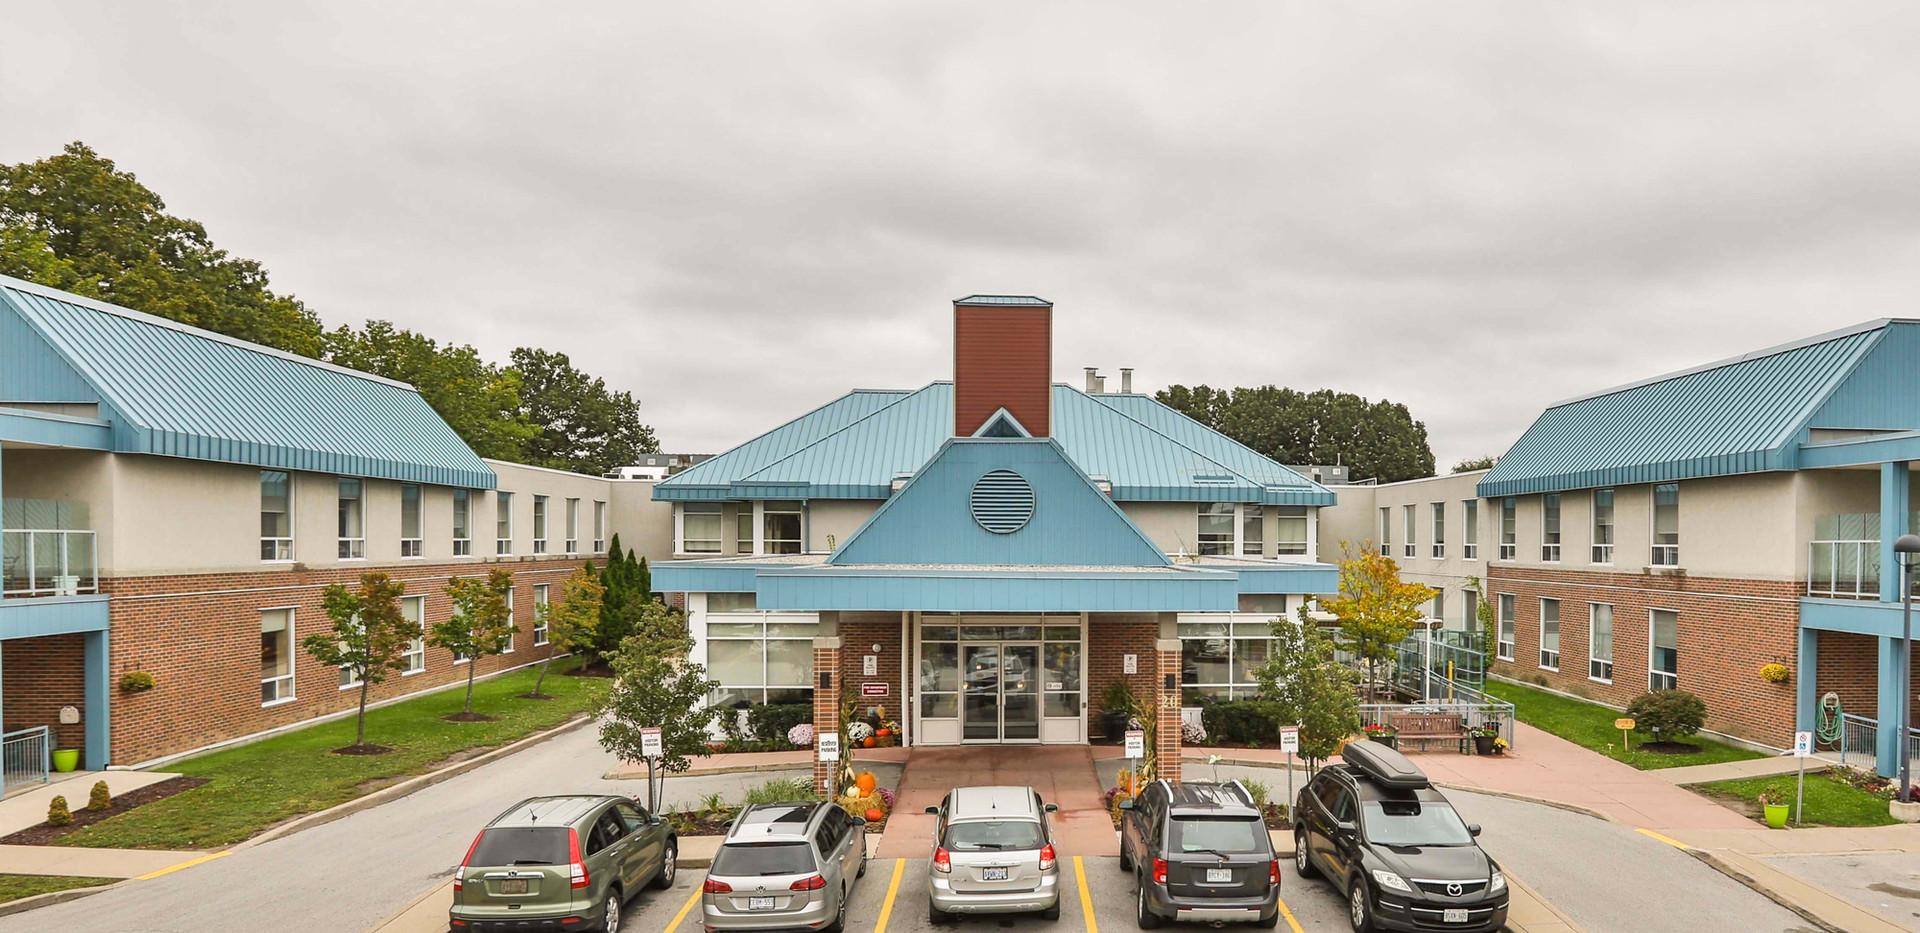 henley house long term care facility